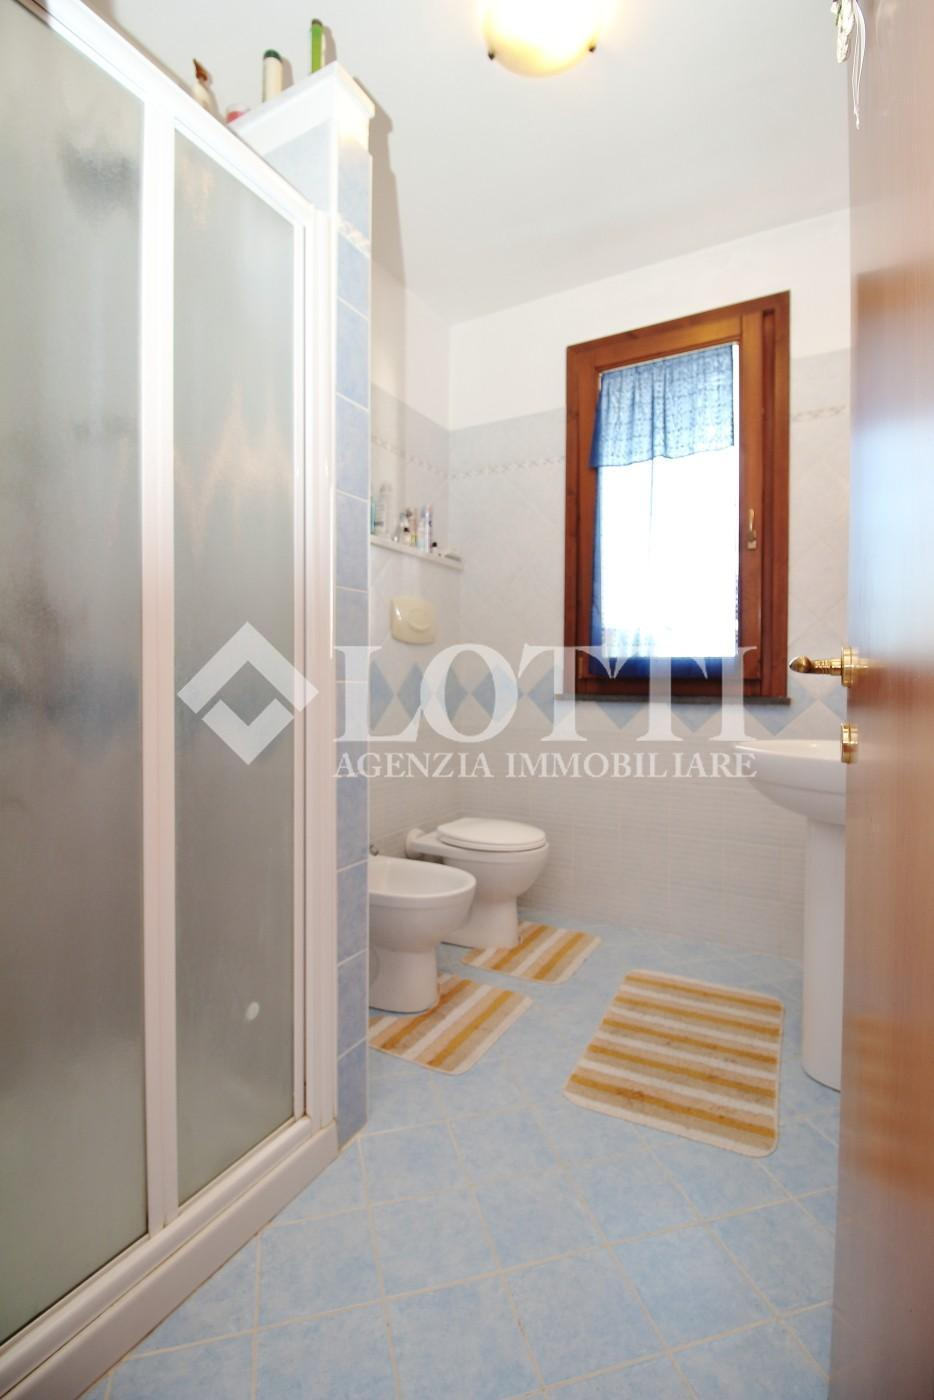 Appartamento in vendita, rif. 636